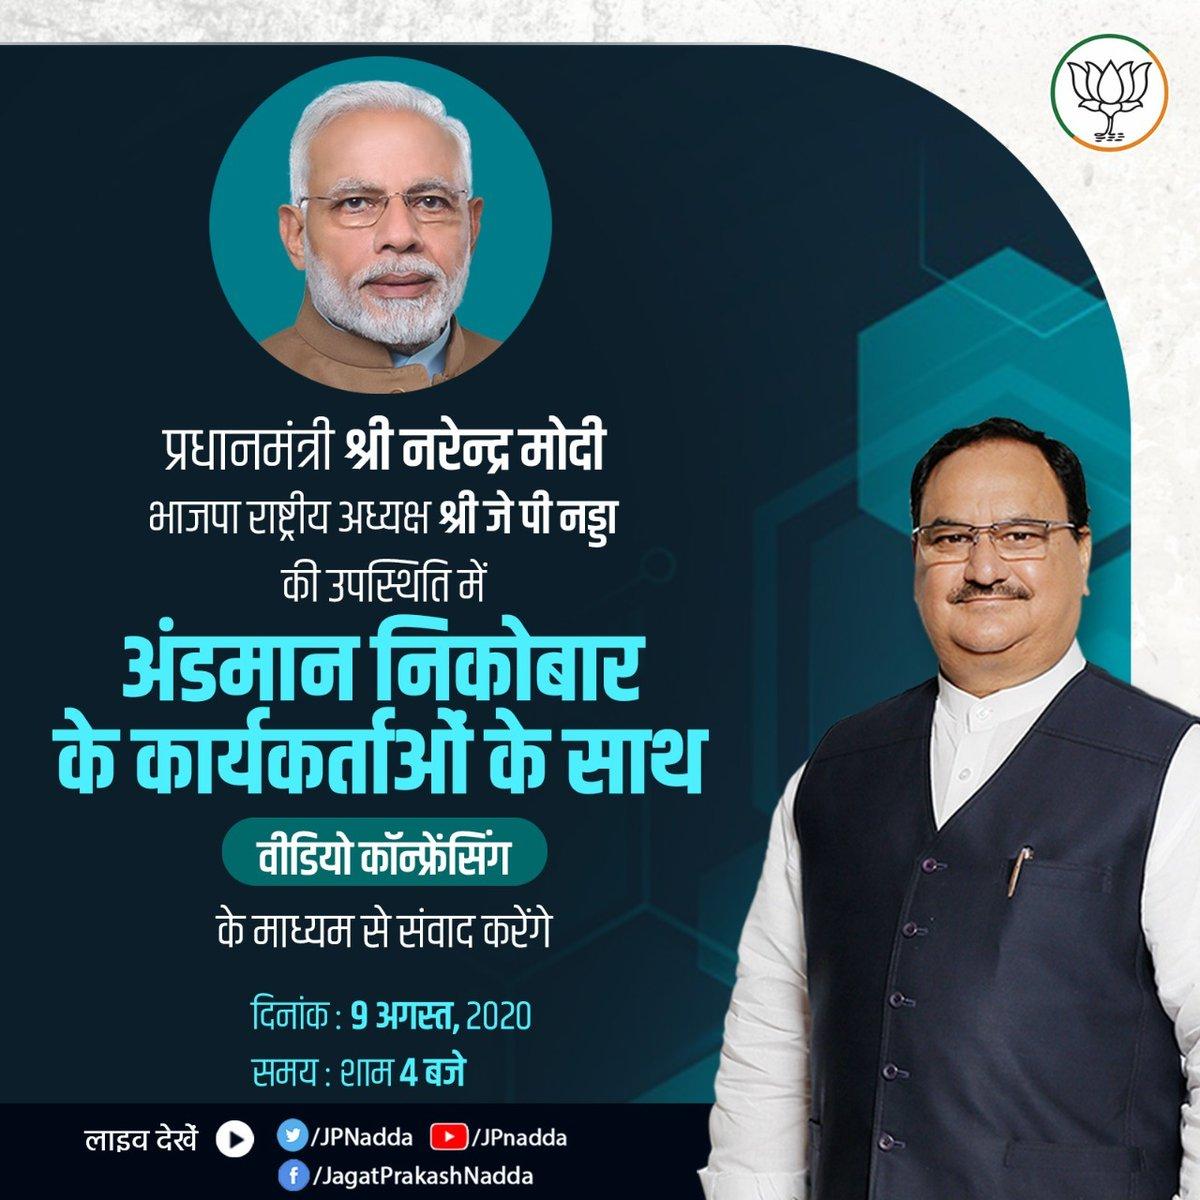 आदरणीय प्रधानमंत्री श्री @narendramodi जी अंडमान निकोबार के कार्यकर्ताओं के साथ कल शाम 4 बजे वीडियो कांफ्रेंसिंग के माध्यम से संवाद करेंगे। https://t.co/29N1IfzrIK